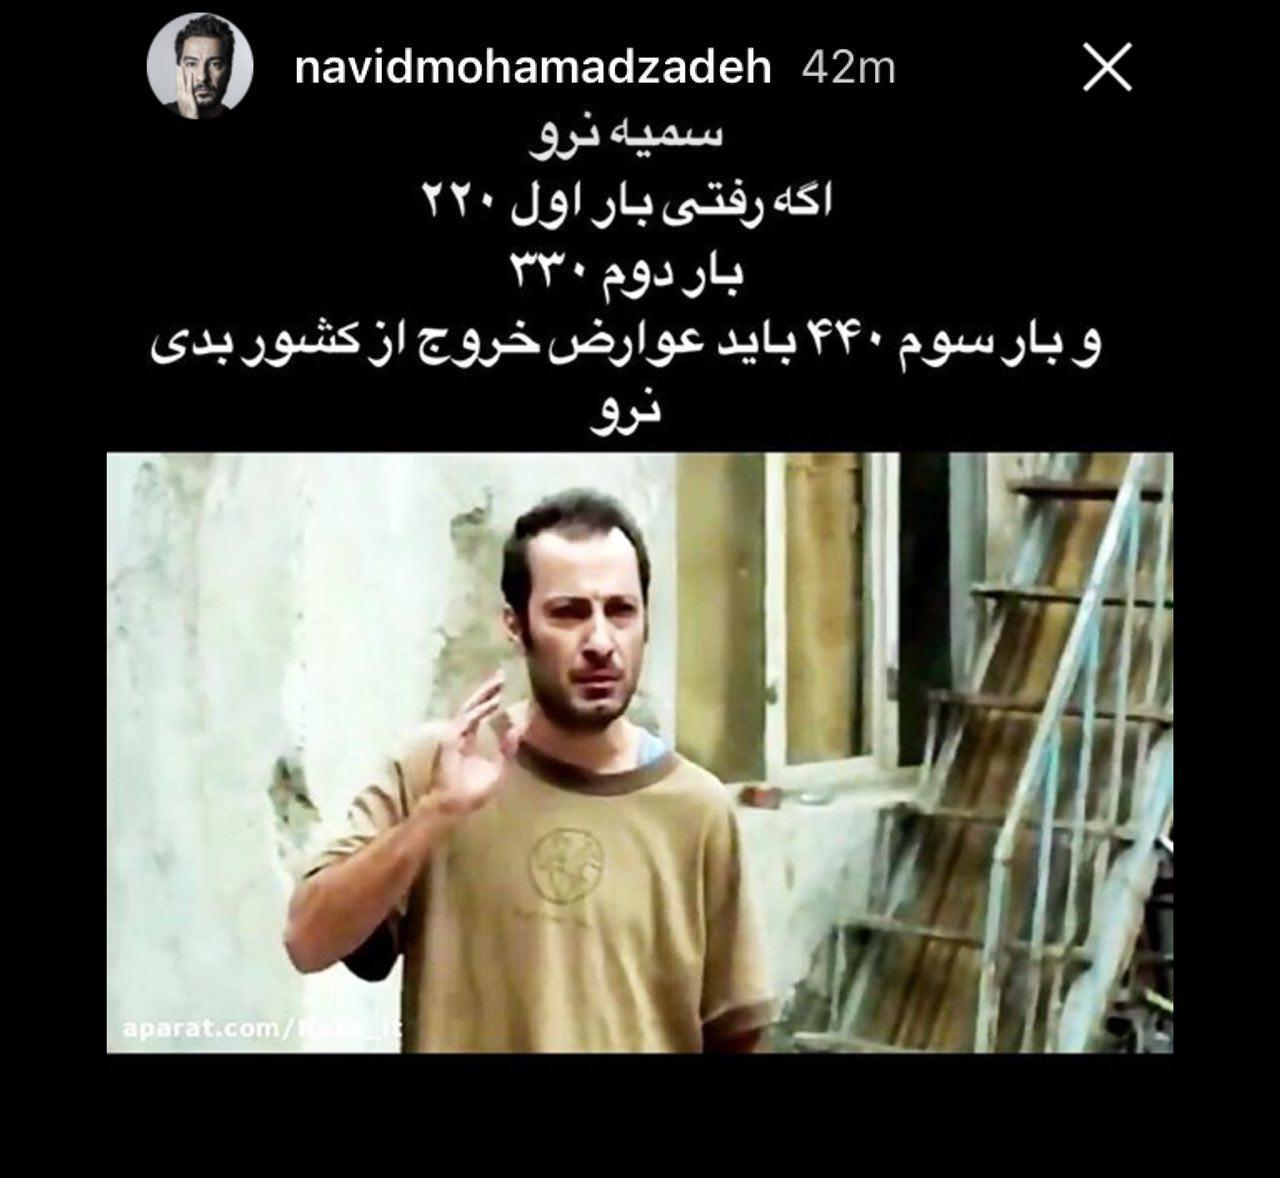 استورى جالب نوید محمدزاده در اعتراض به عوارض خروج از کشور (عکس)